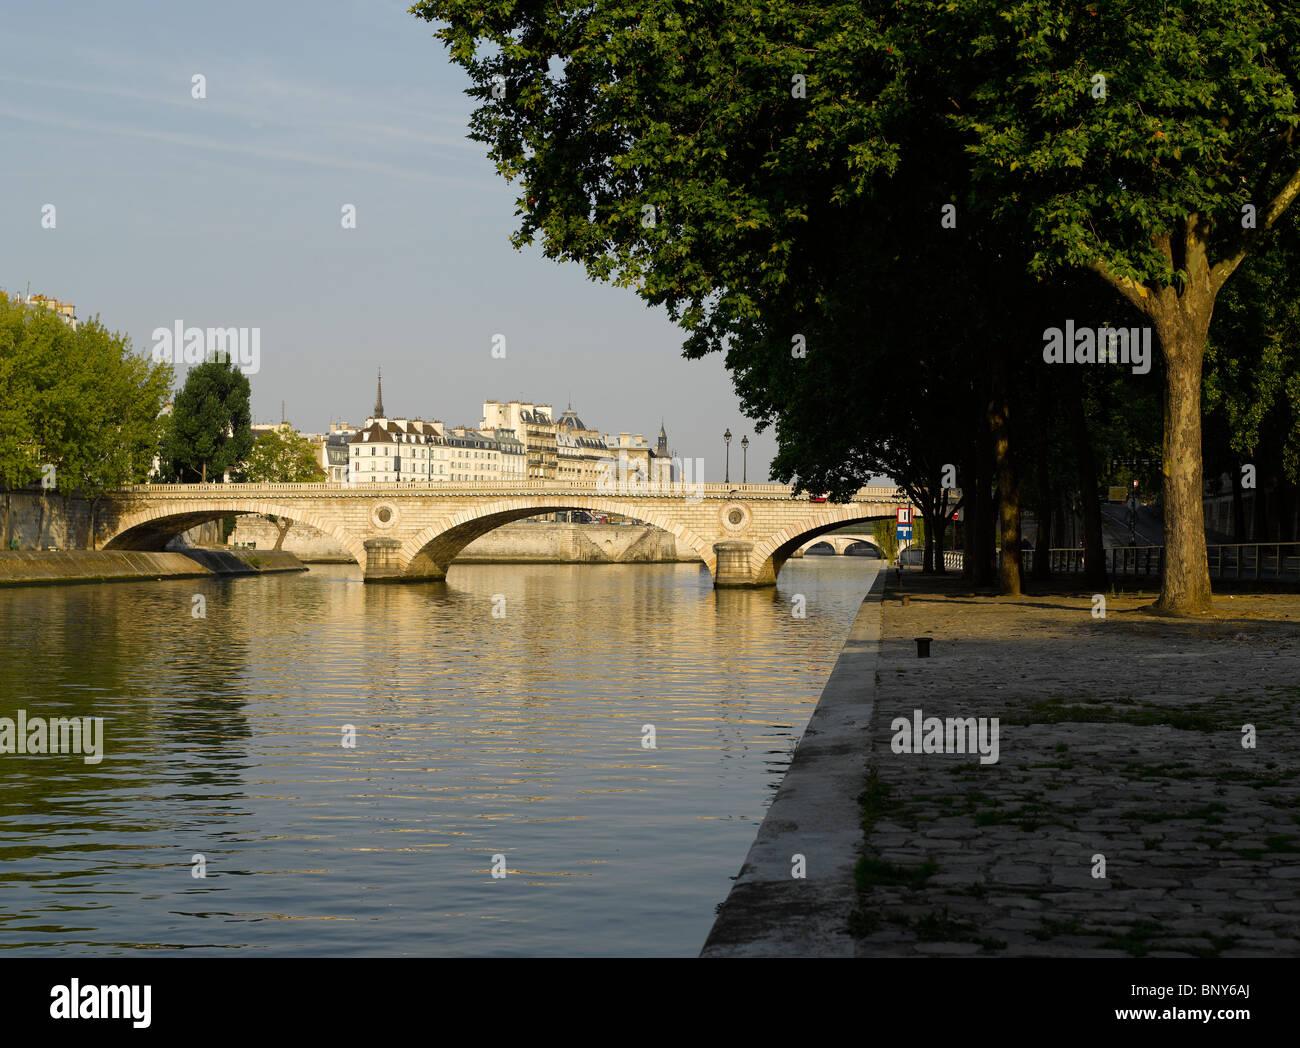 France, Paris: Pont Louis Philippe is a bridge crossing the Seine river to Ile Saint-Louis - Stock Image